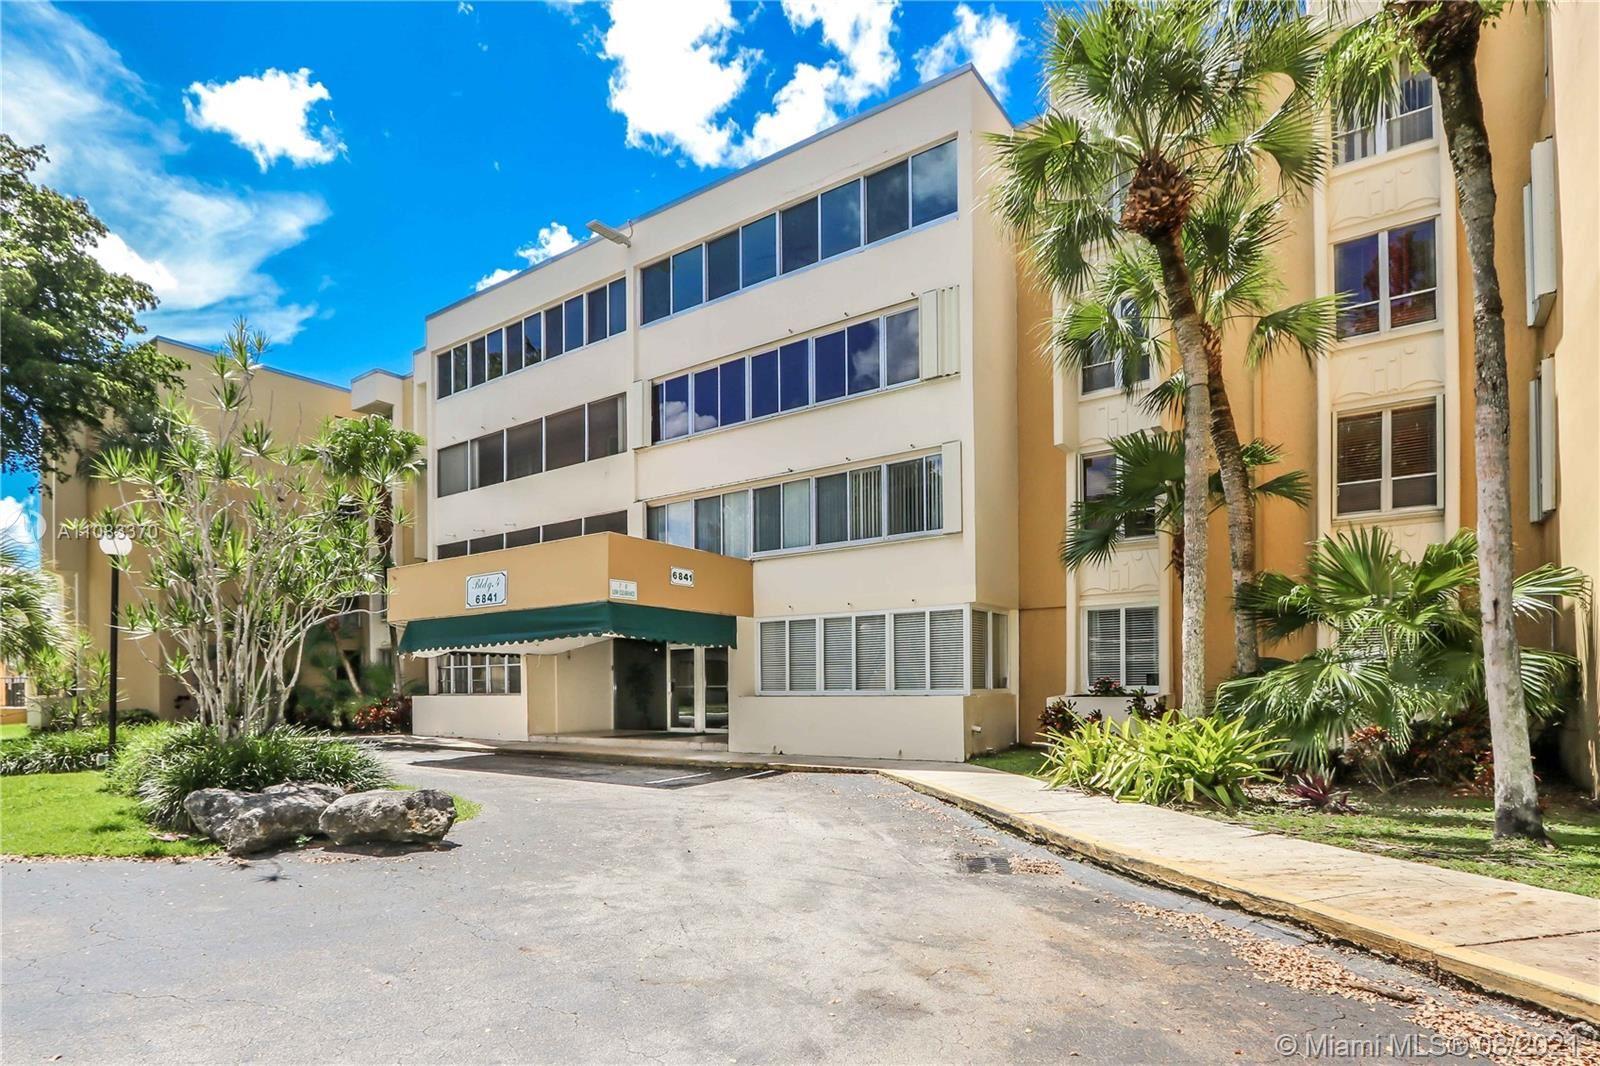 6841 SW 147th Ave #2C, Miami, FL 33193 - #: A11083370